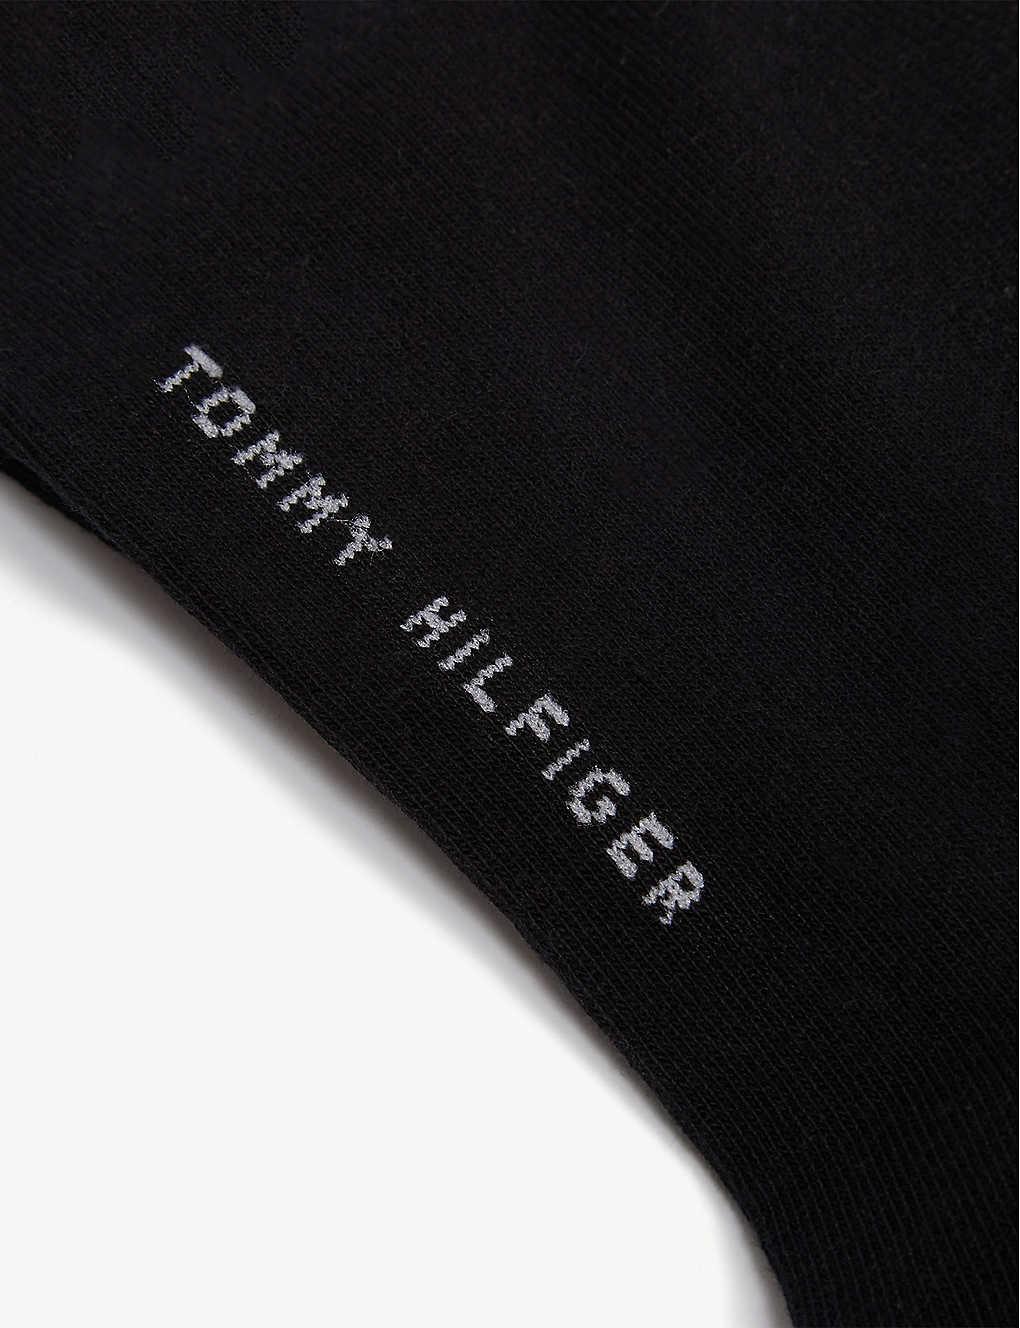 f2c5ab475 TOMMY HILFIGER - Logo cotton-blend set of two trainer socks ...